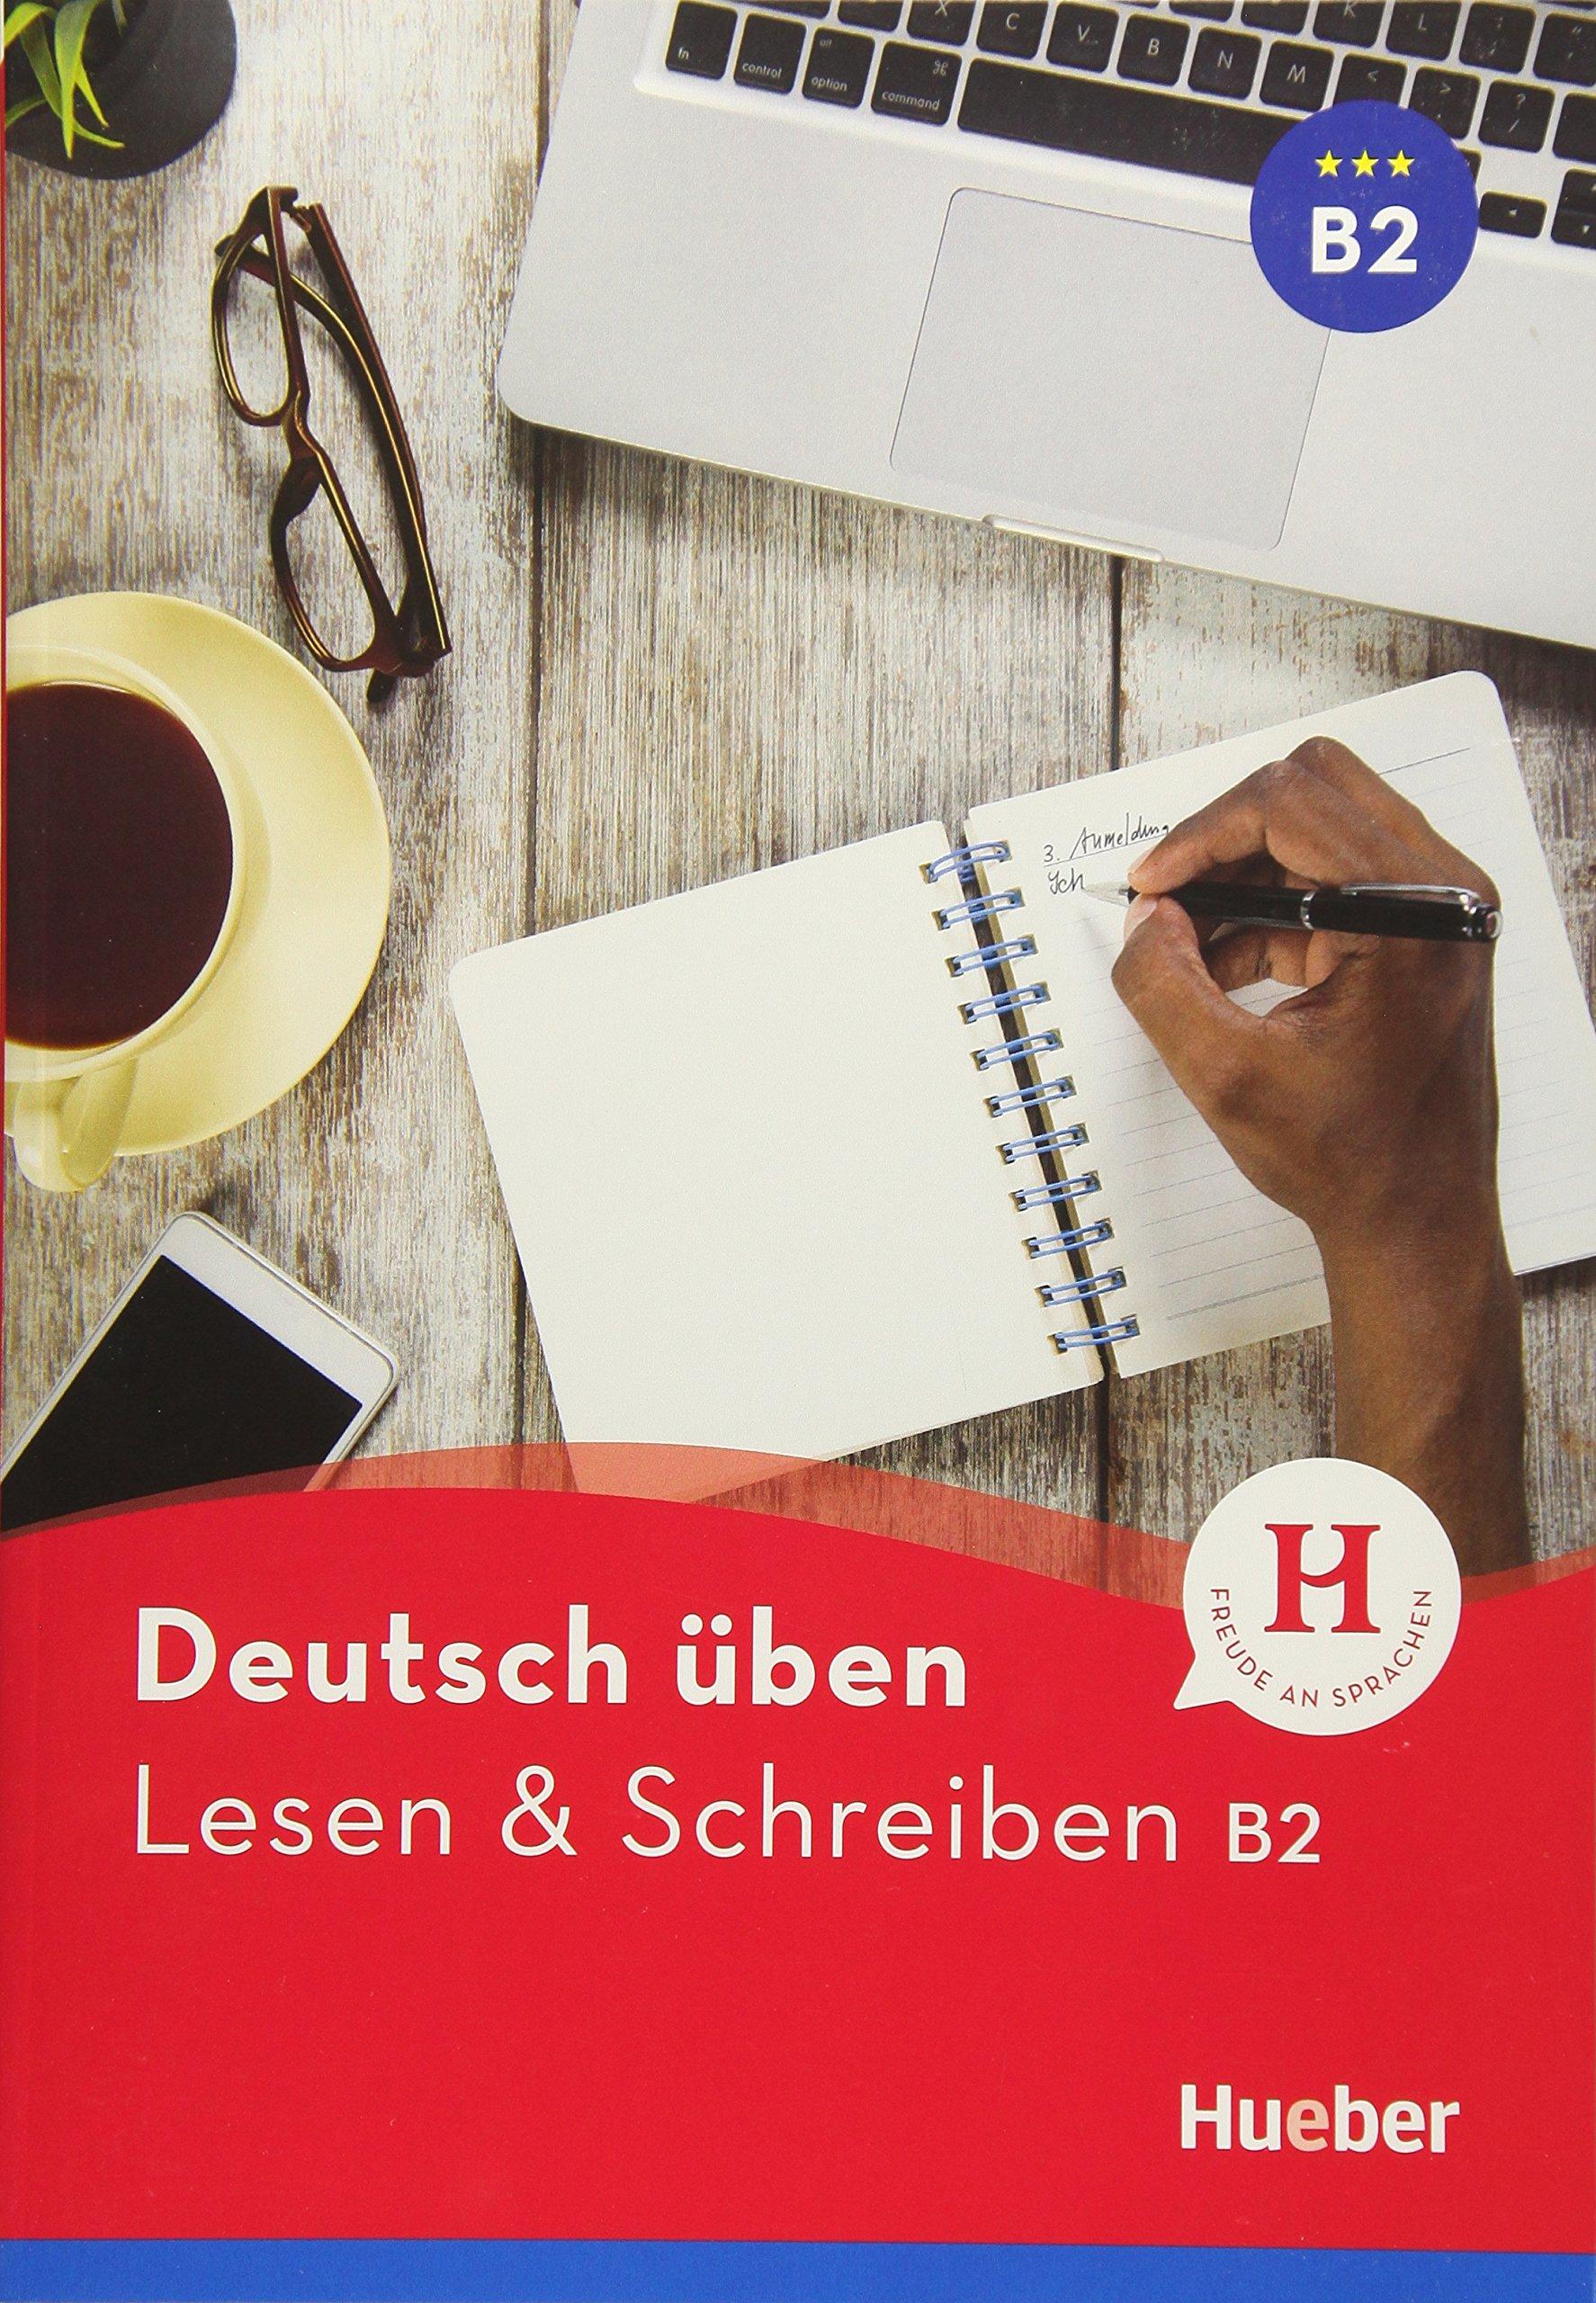 lesen-schreiben-b2-buch-deutsch-ben-lesen-schreiben